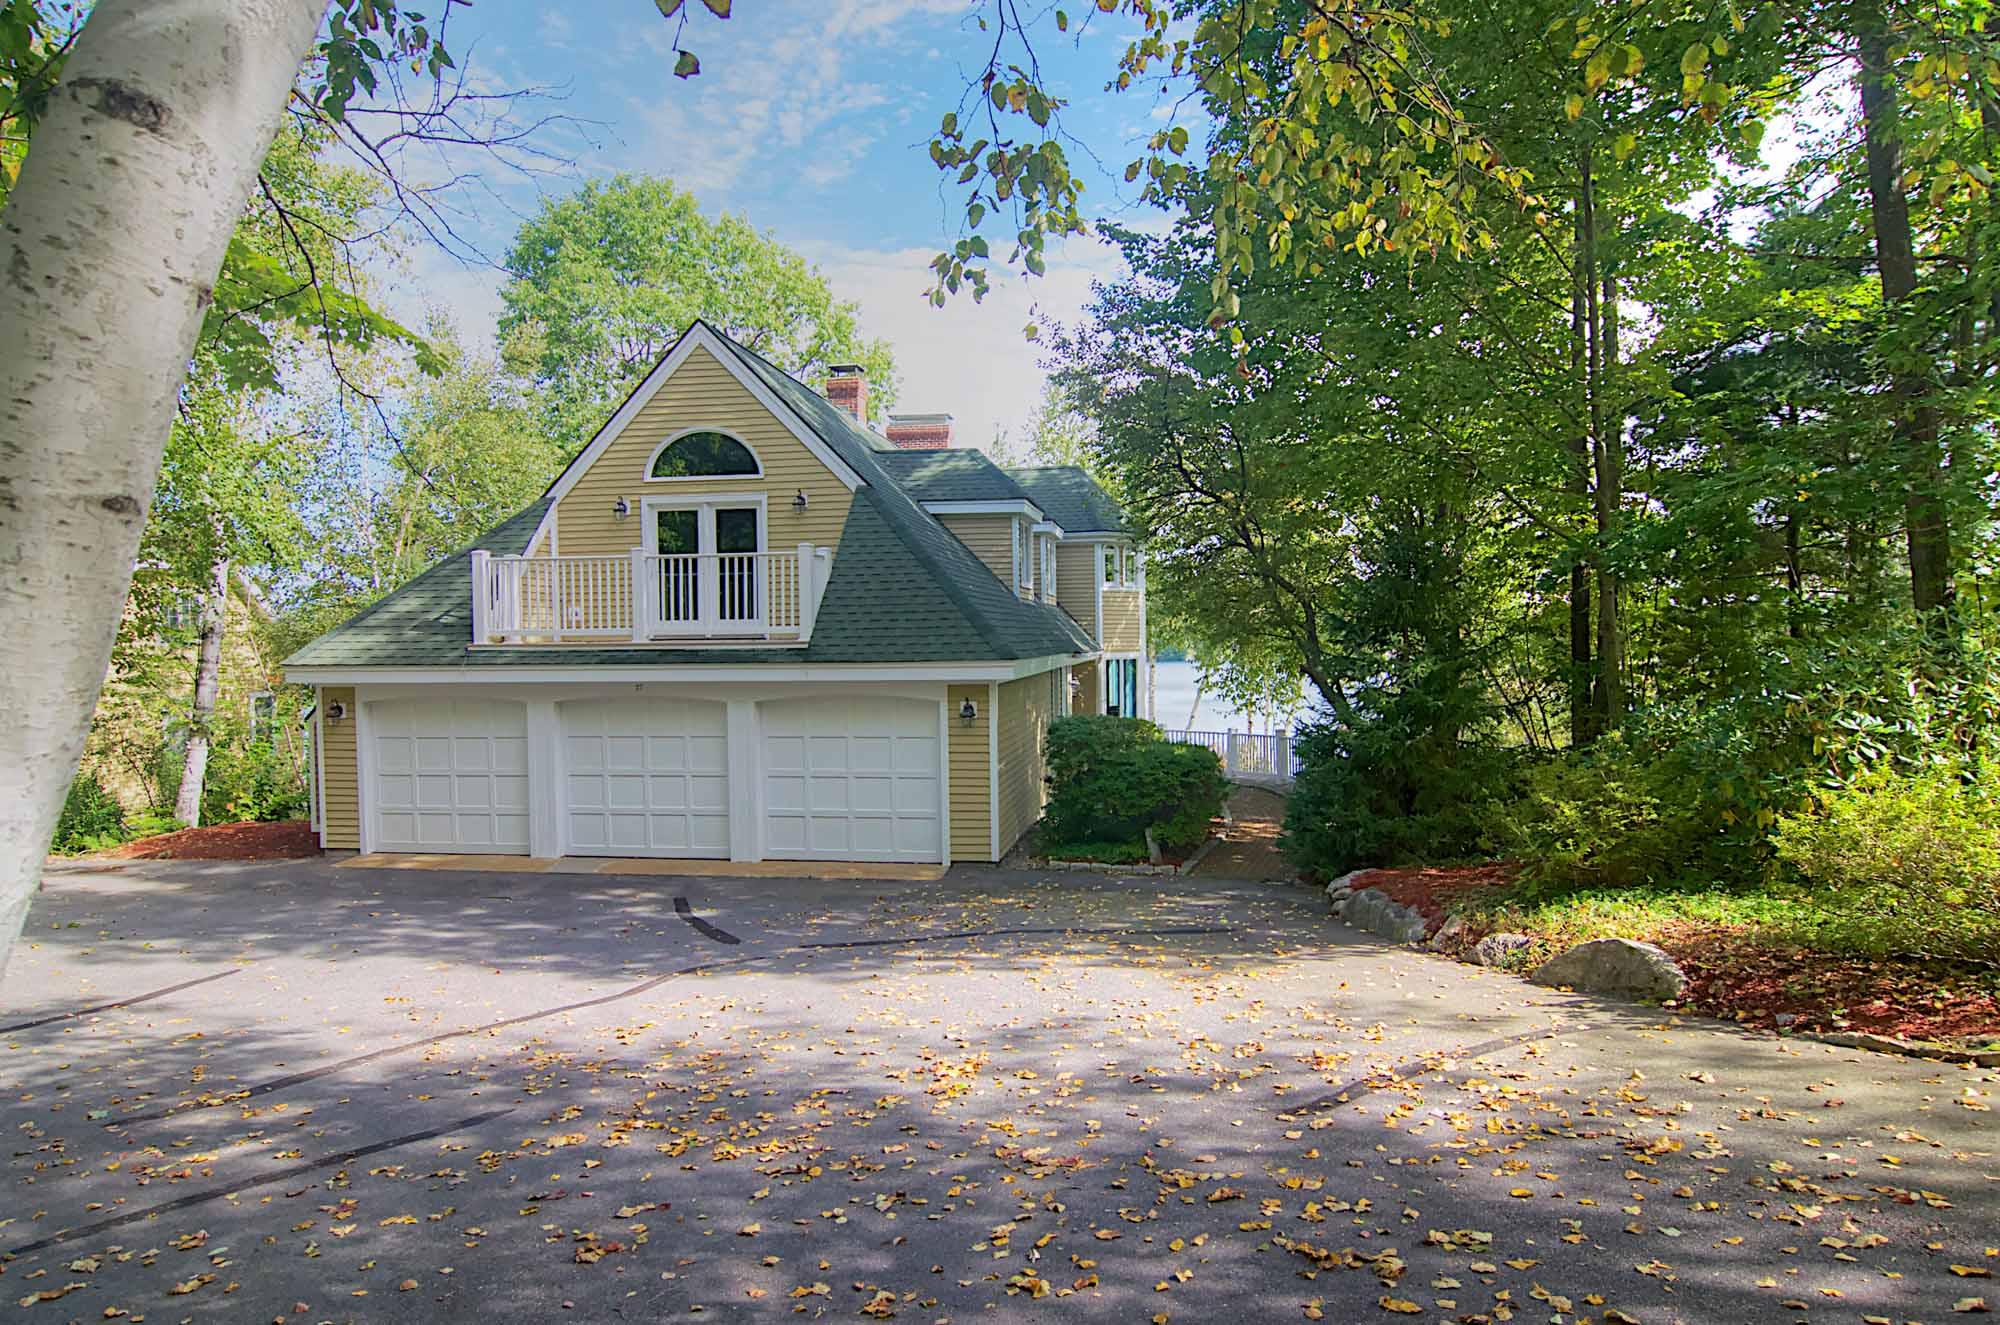 獨棟家庭住宅 為 出售 在 27 Grouse Hollow, Meredith Meredith, 新罕布什爾州, 03253 美國